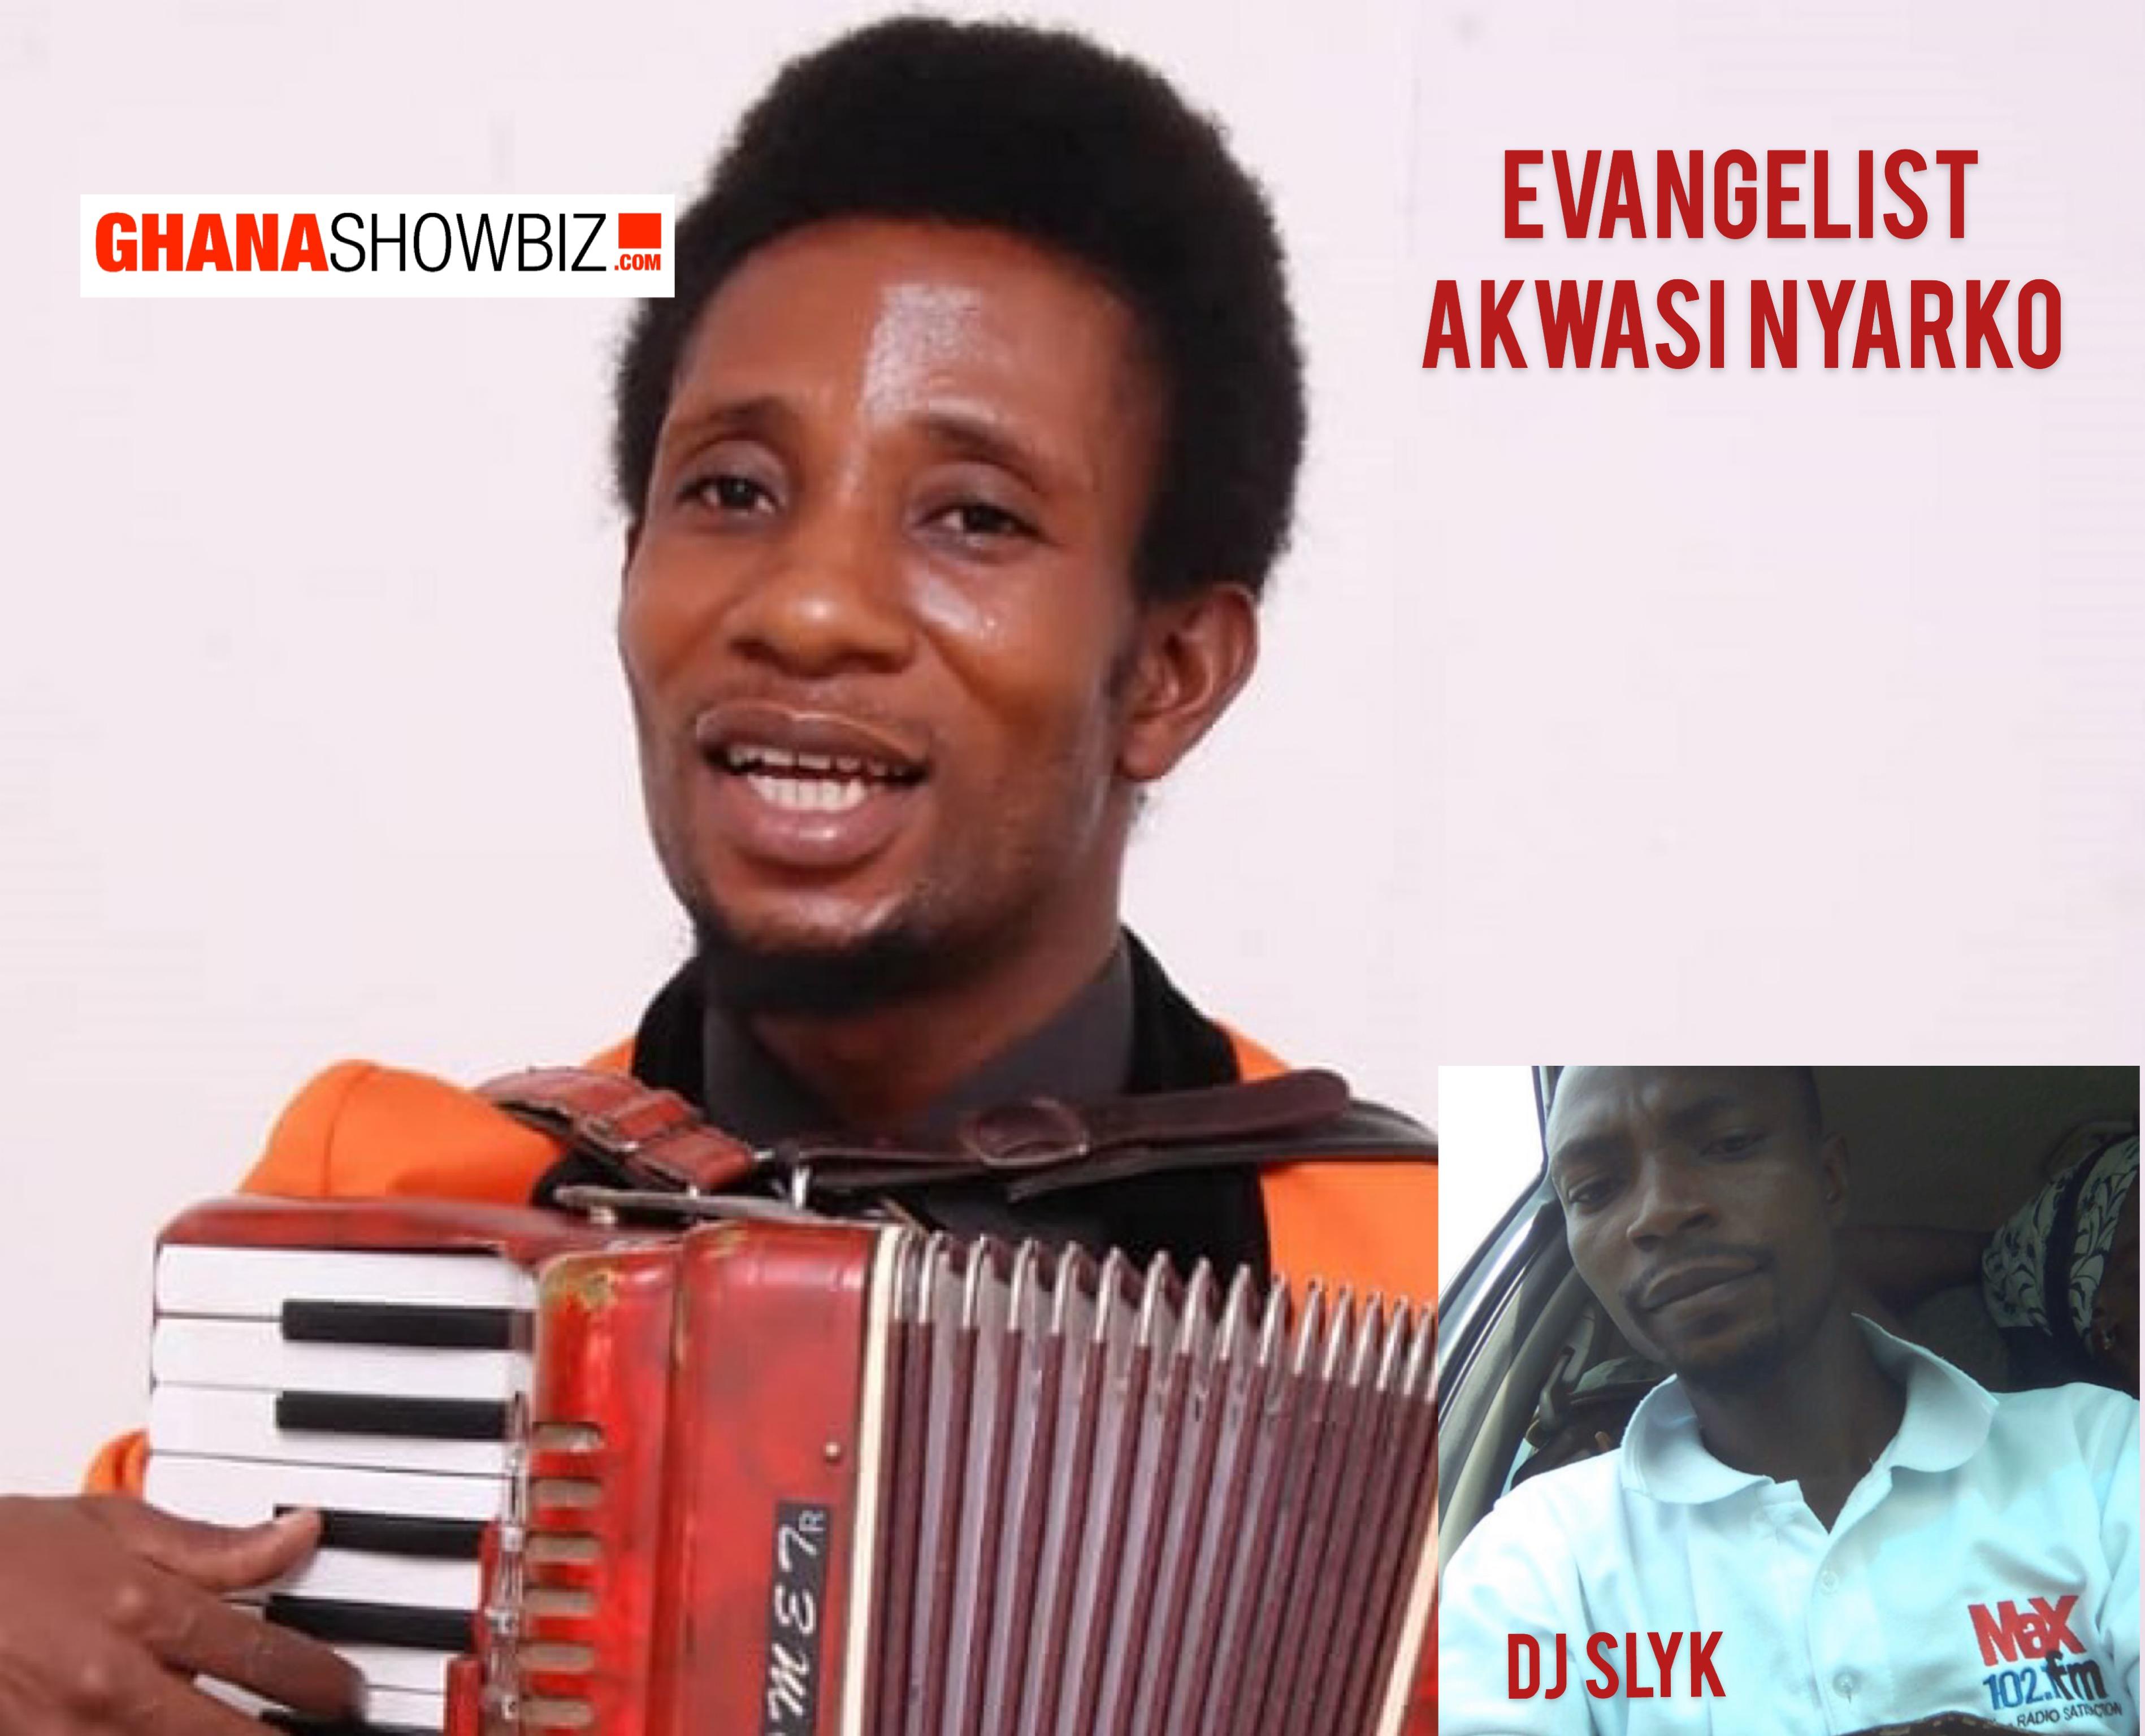 Exclusive Interview with Evangelist Akwasi Nyarko